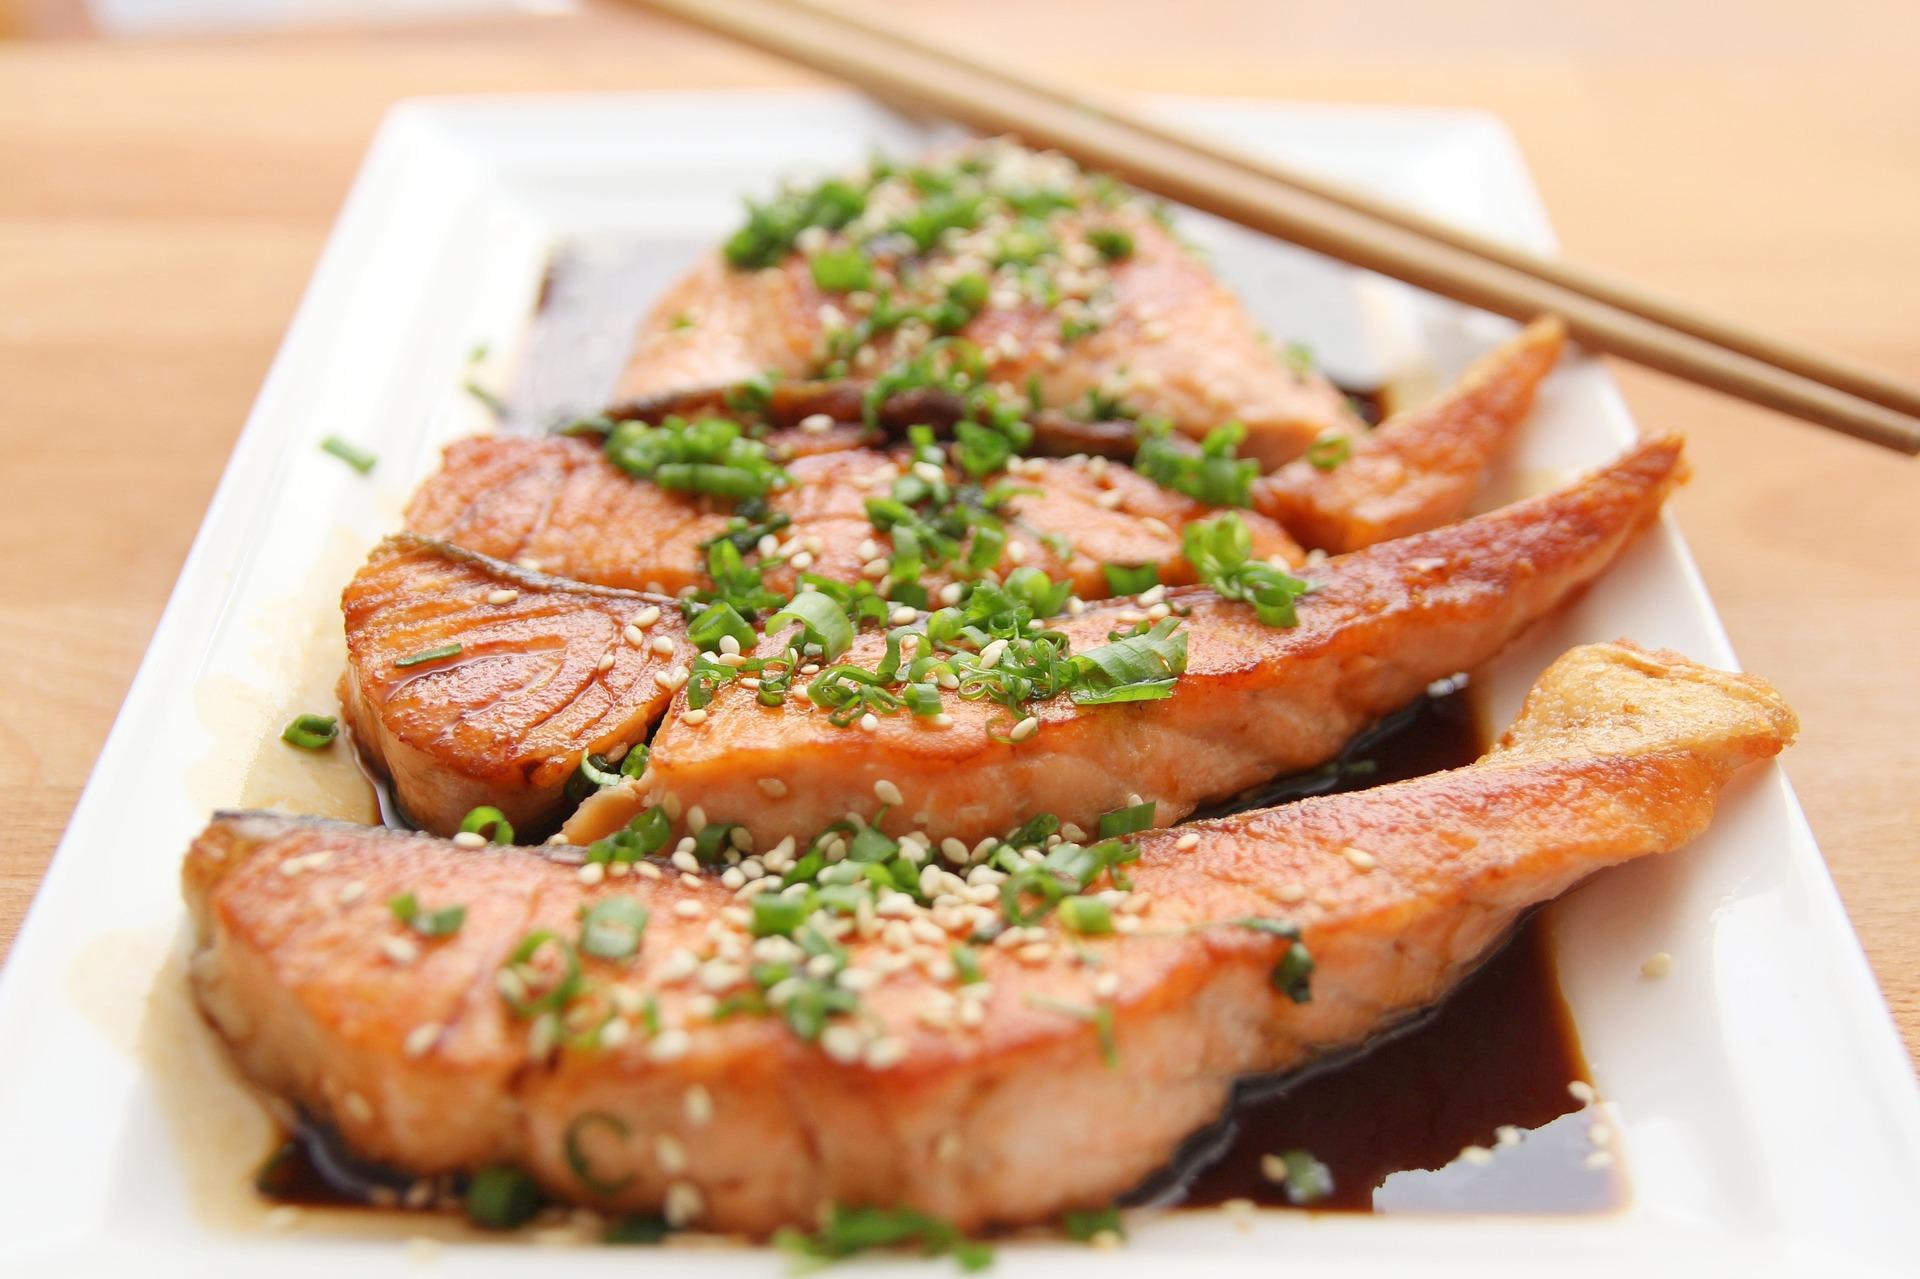 El pescado de cualquier tipo es un alimento permitido en la dieta FODMAP. (Wow Phochiangrak / Pixabay)